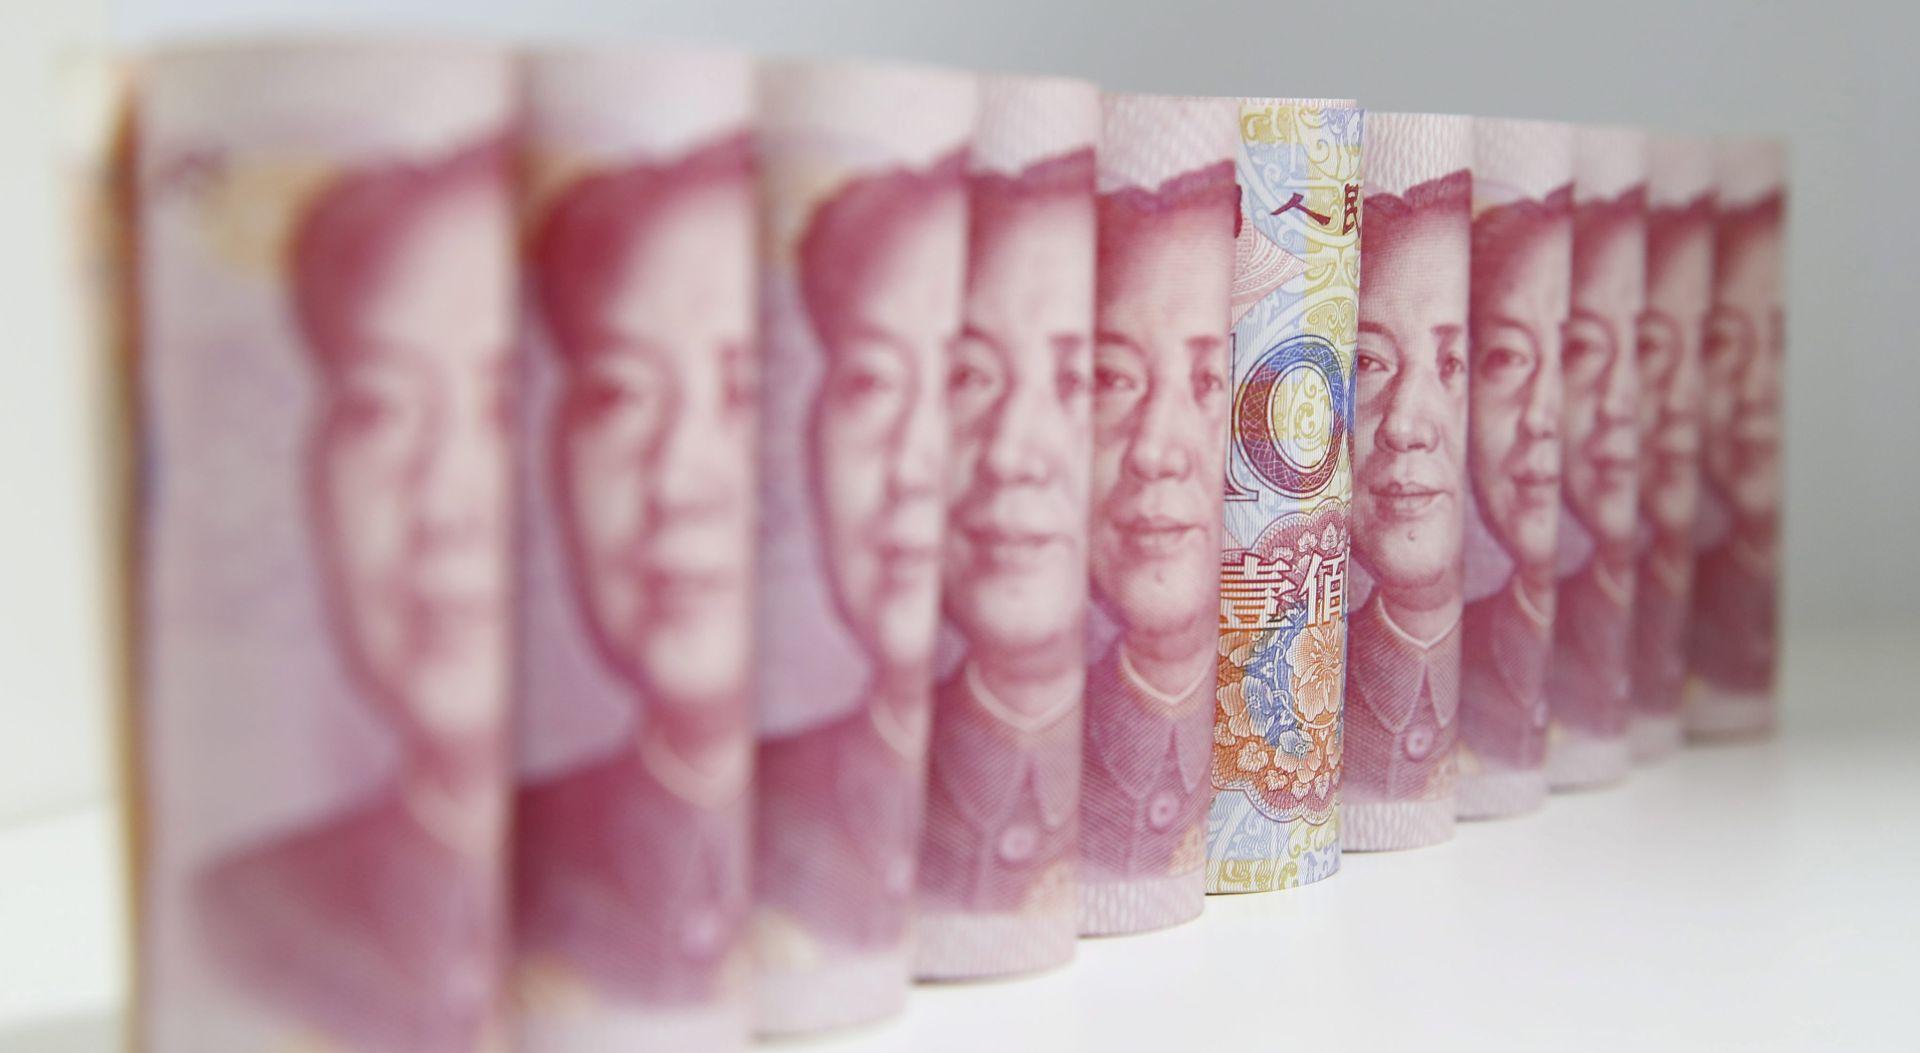 Bloger u Kini kažnjen zbog objave koja je uzdrmala financijska tržišta